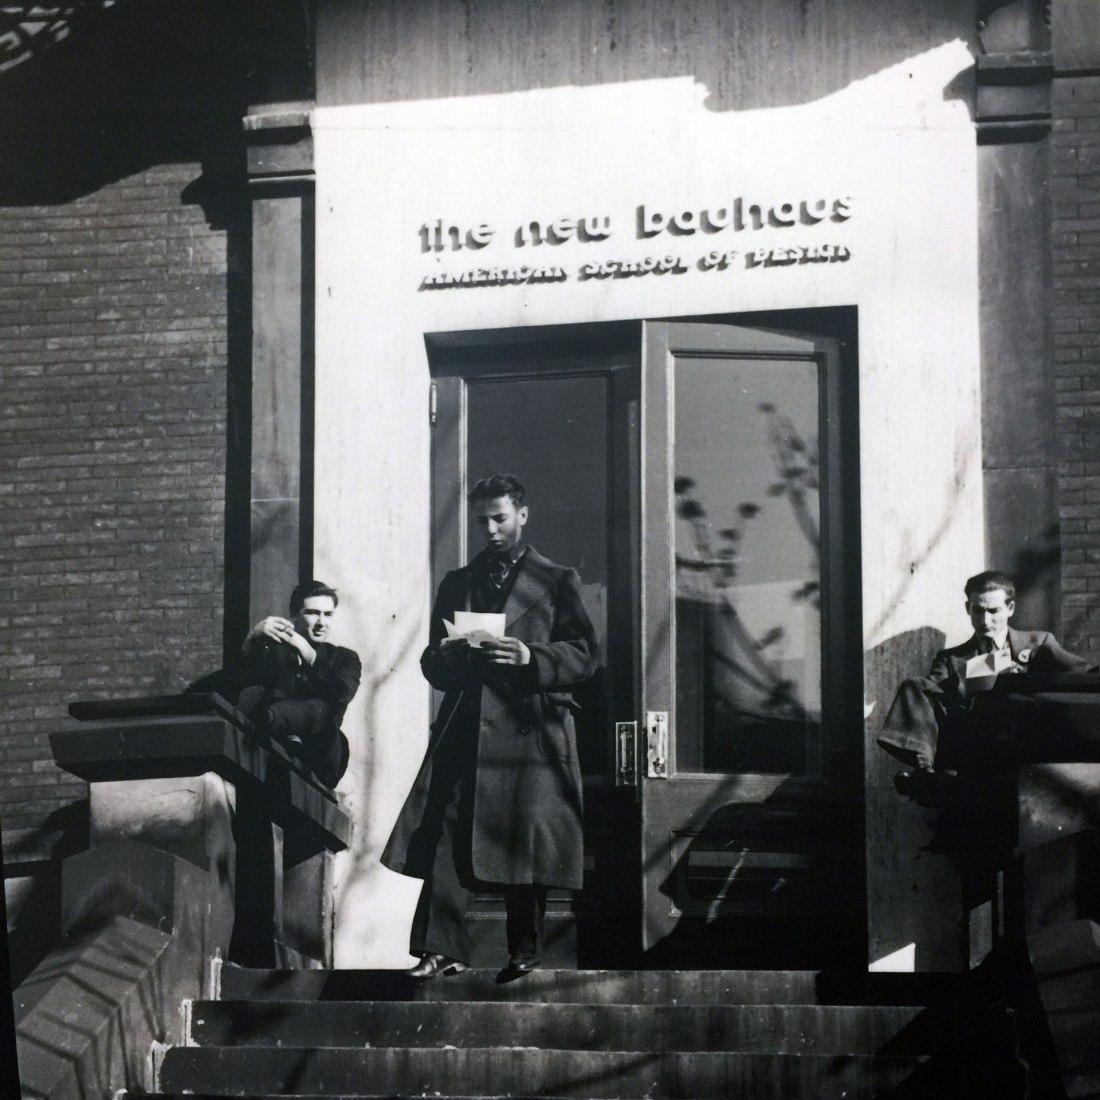 Image via The Bauhaus Film